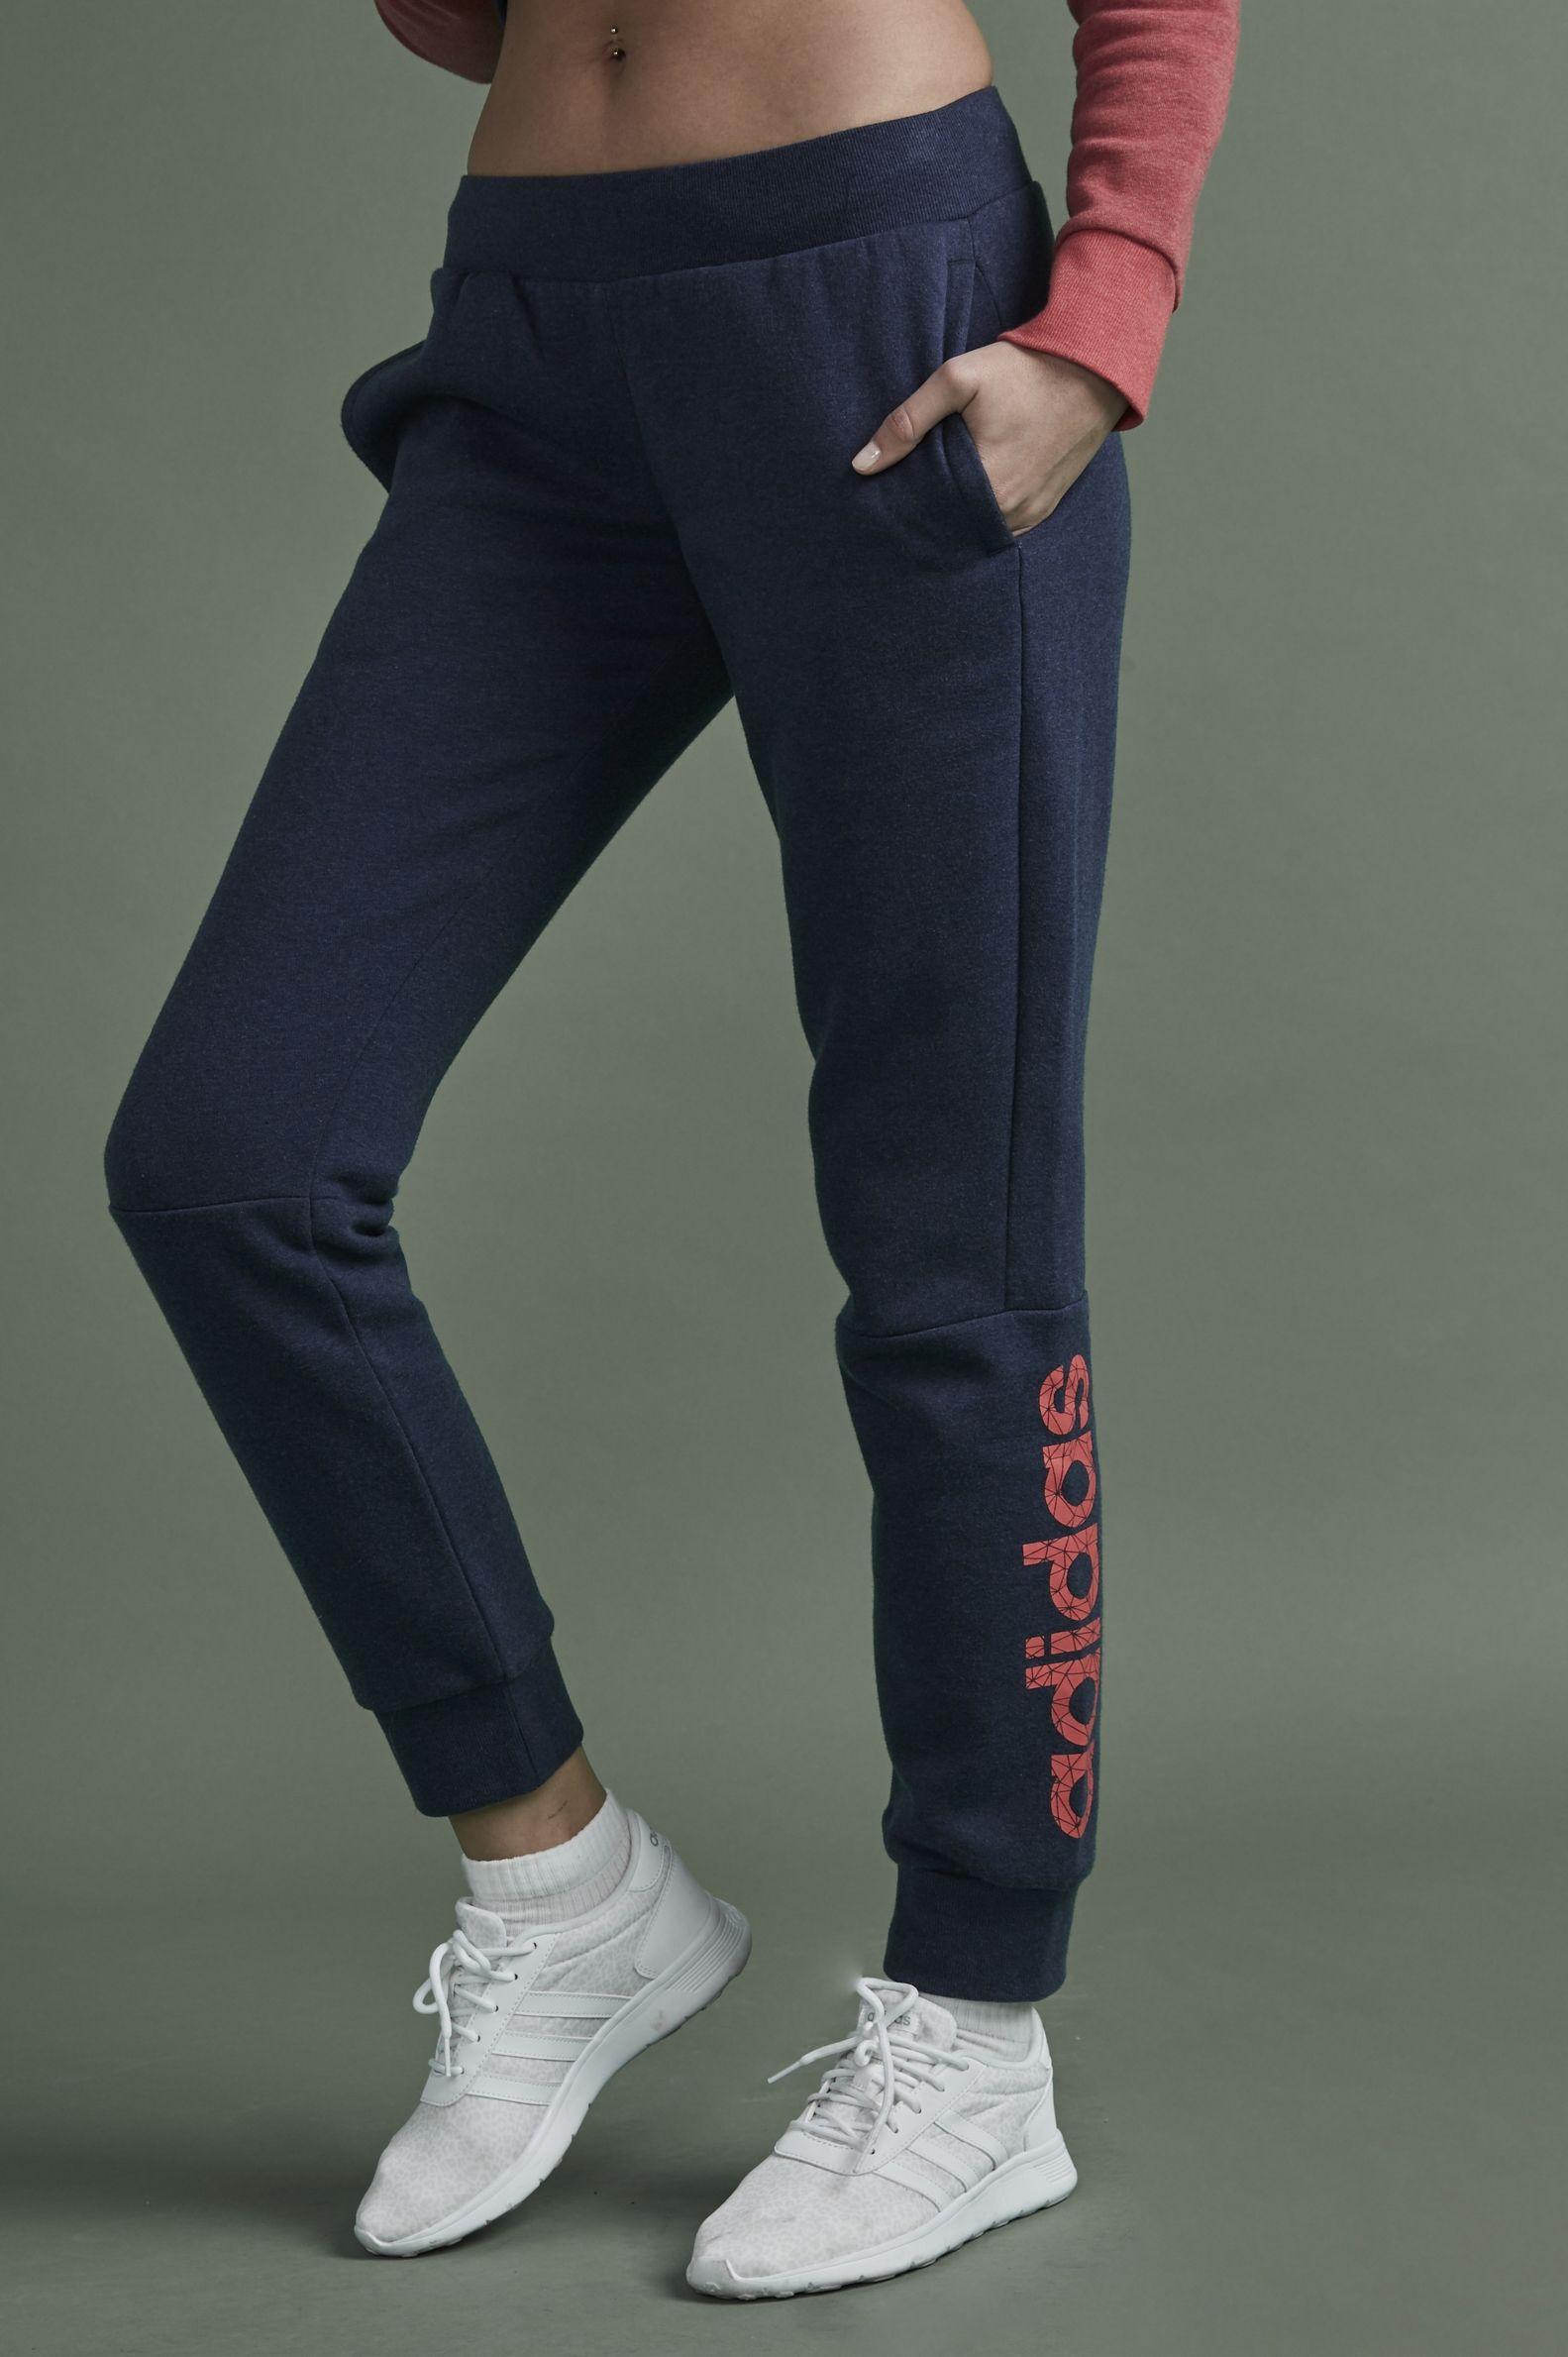 bc1a2daae1 pantalones con puño abajo mujer adidas - Buscar con Google